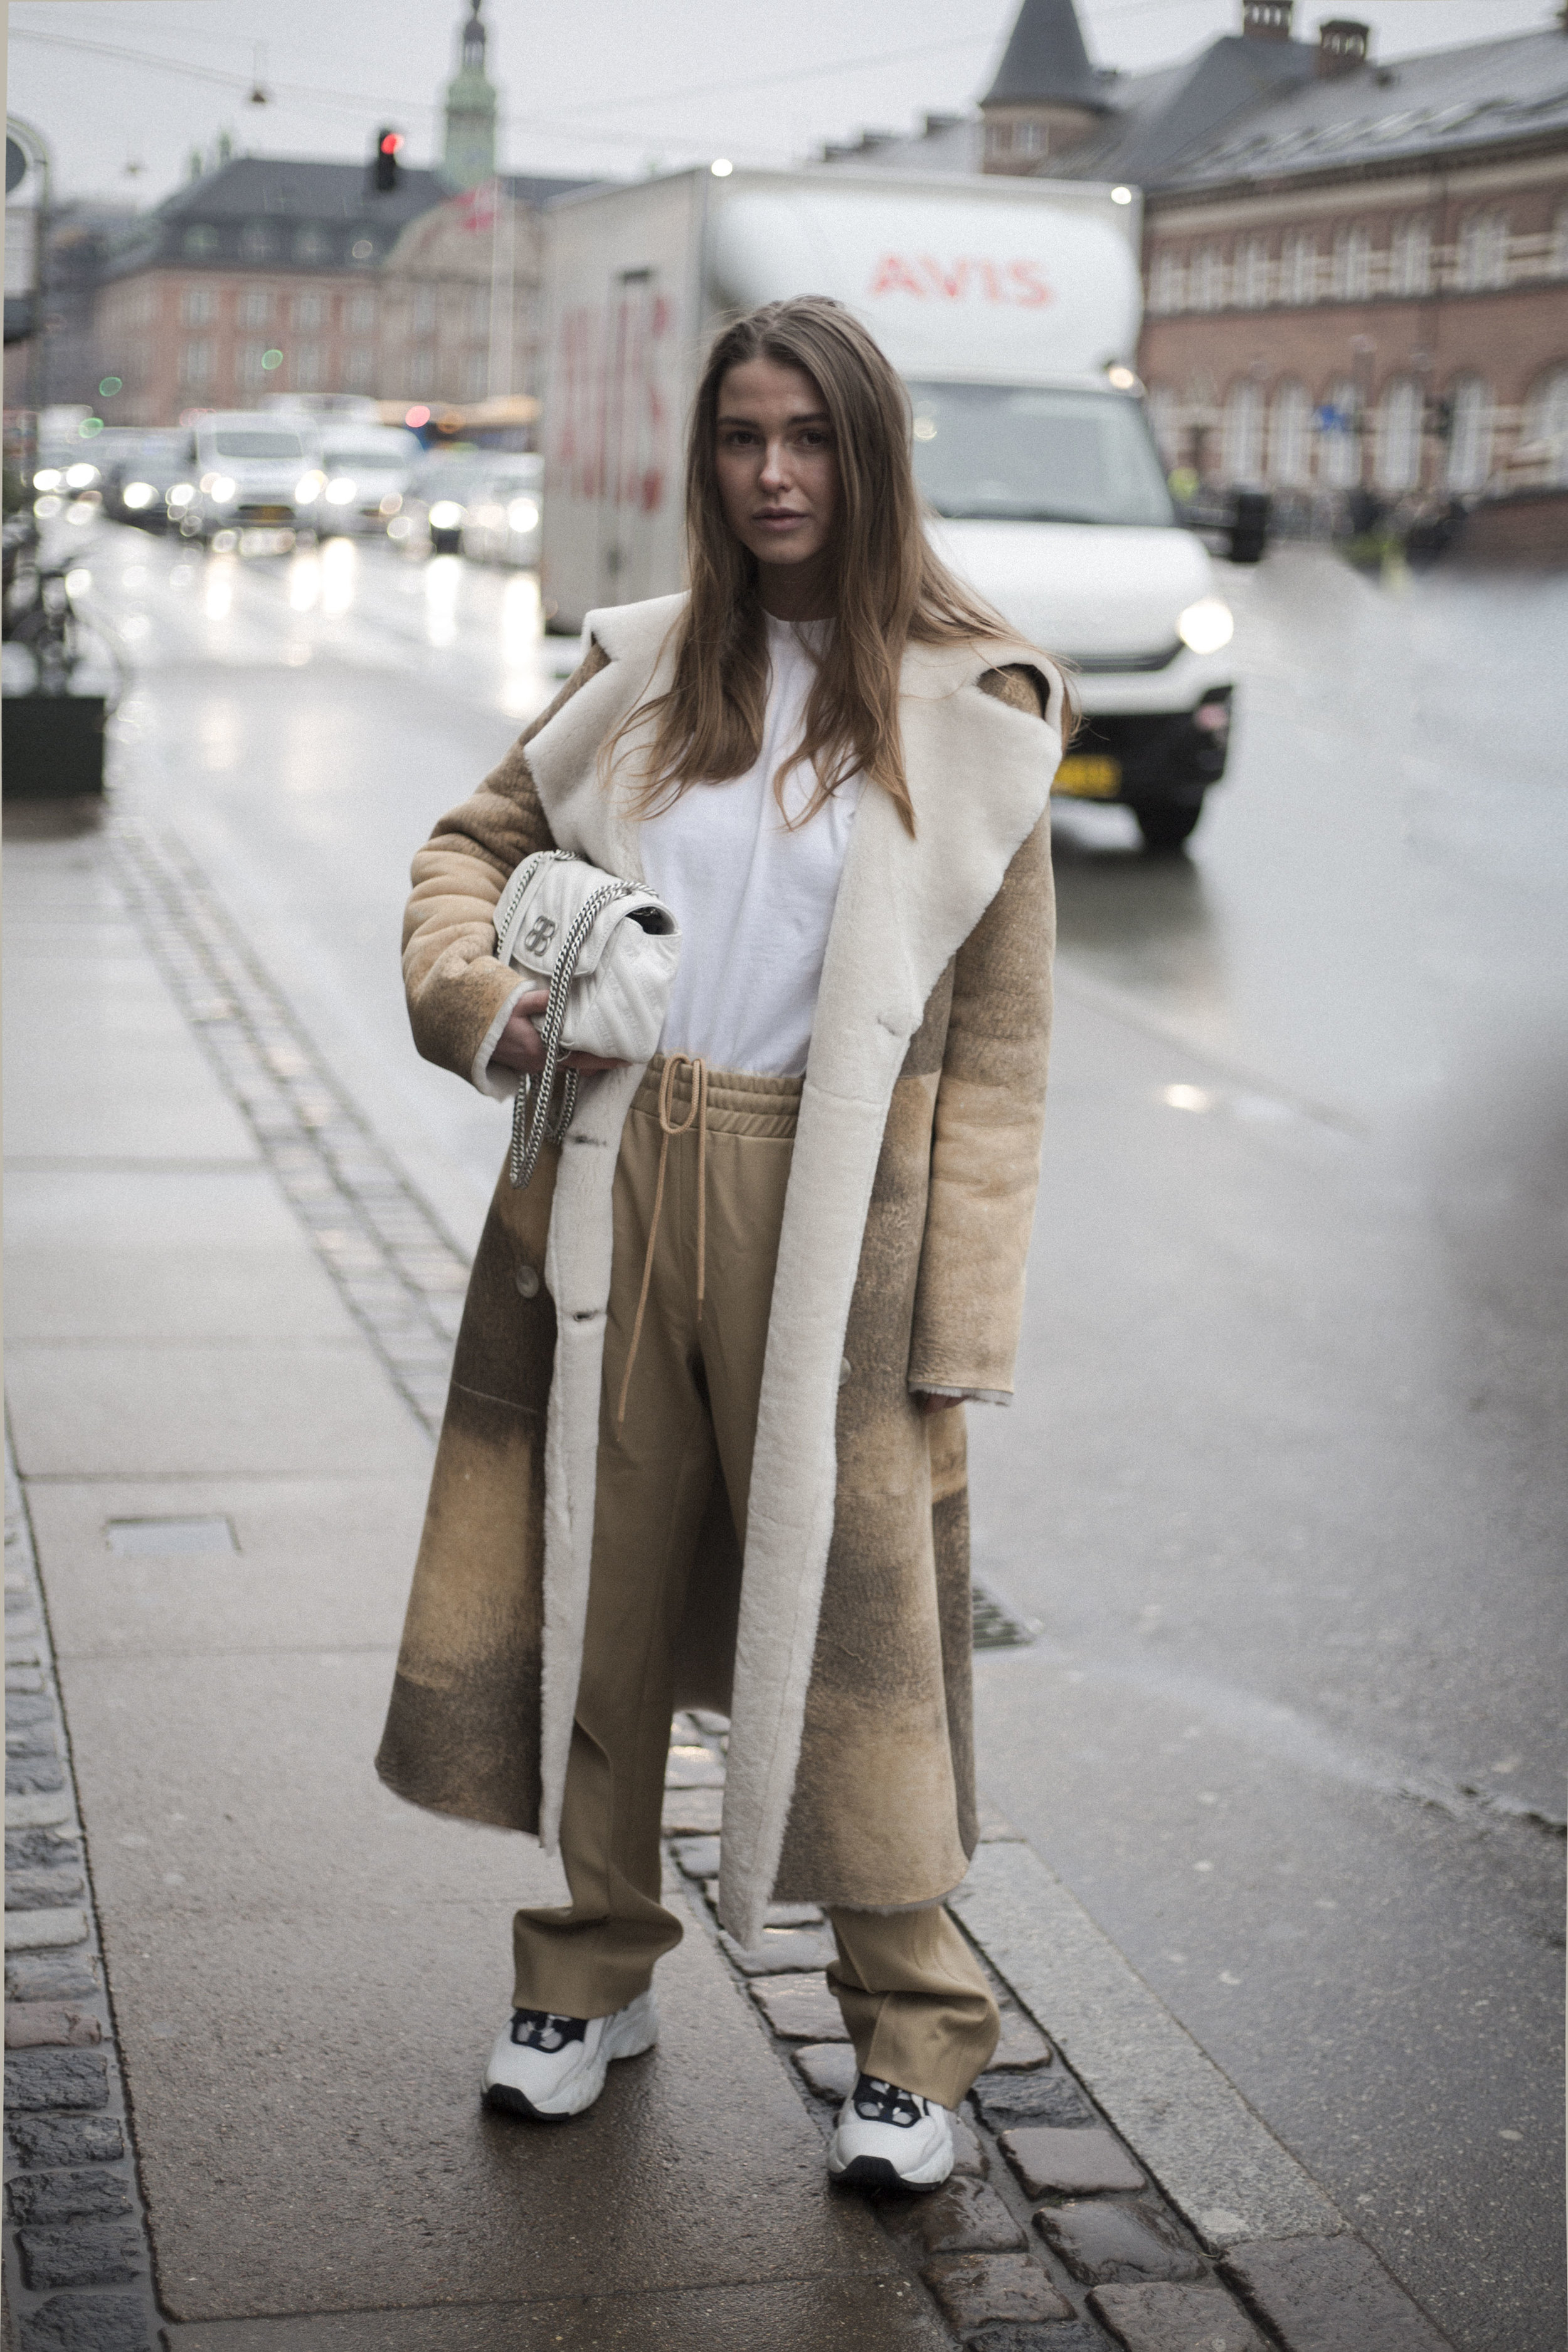 sopie-roe-copenhagen-fashionweek-scandinavian-street-style-streetstyle-thestreetland-fashion-best-style.jpg